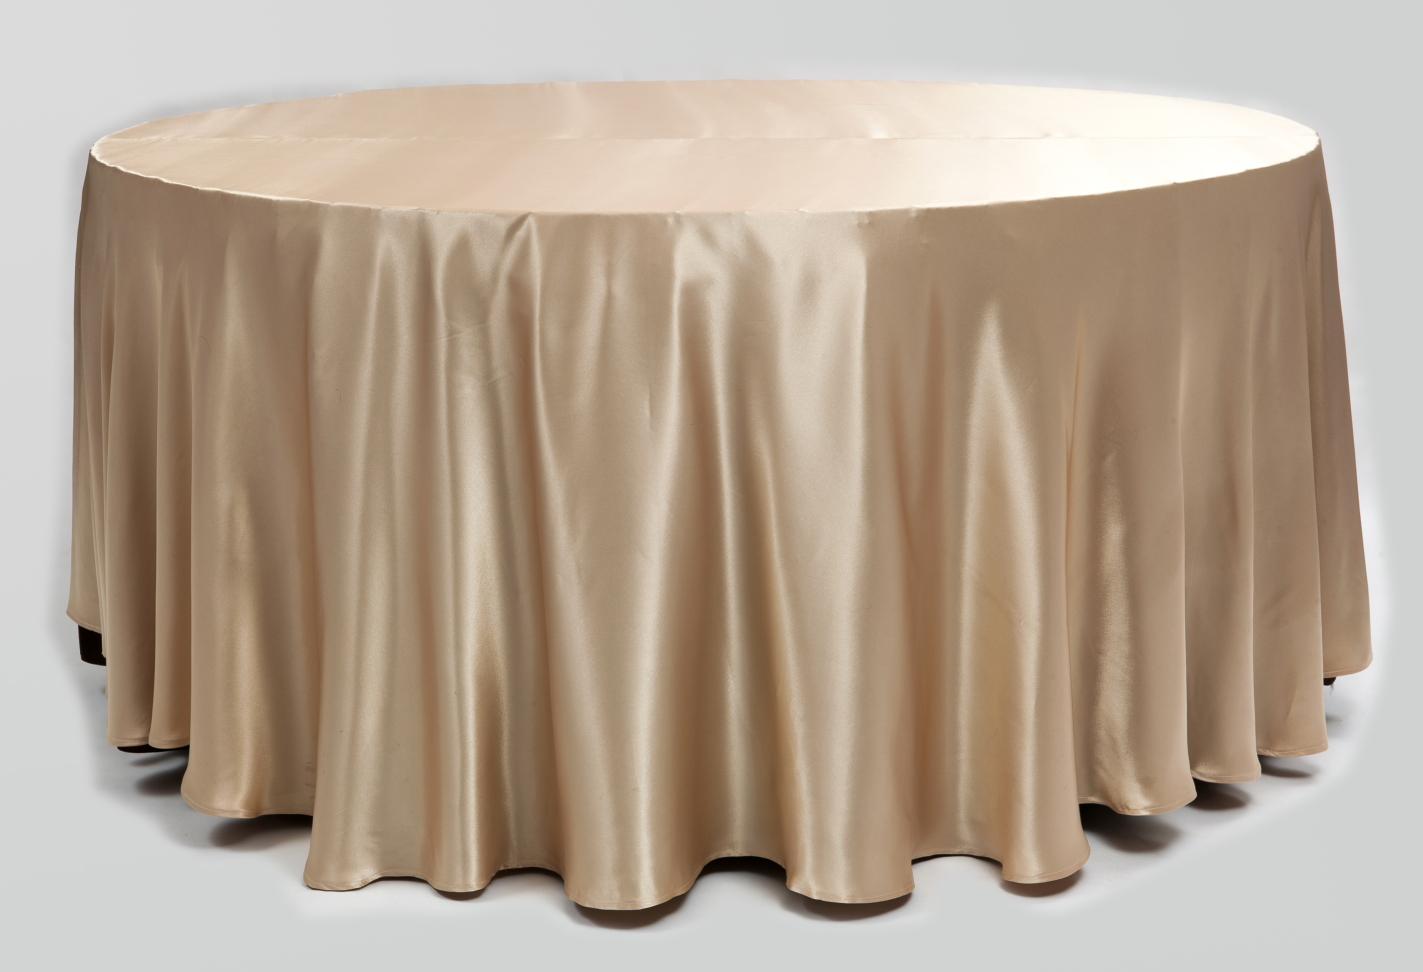 Auksinės spalvos staltiesė